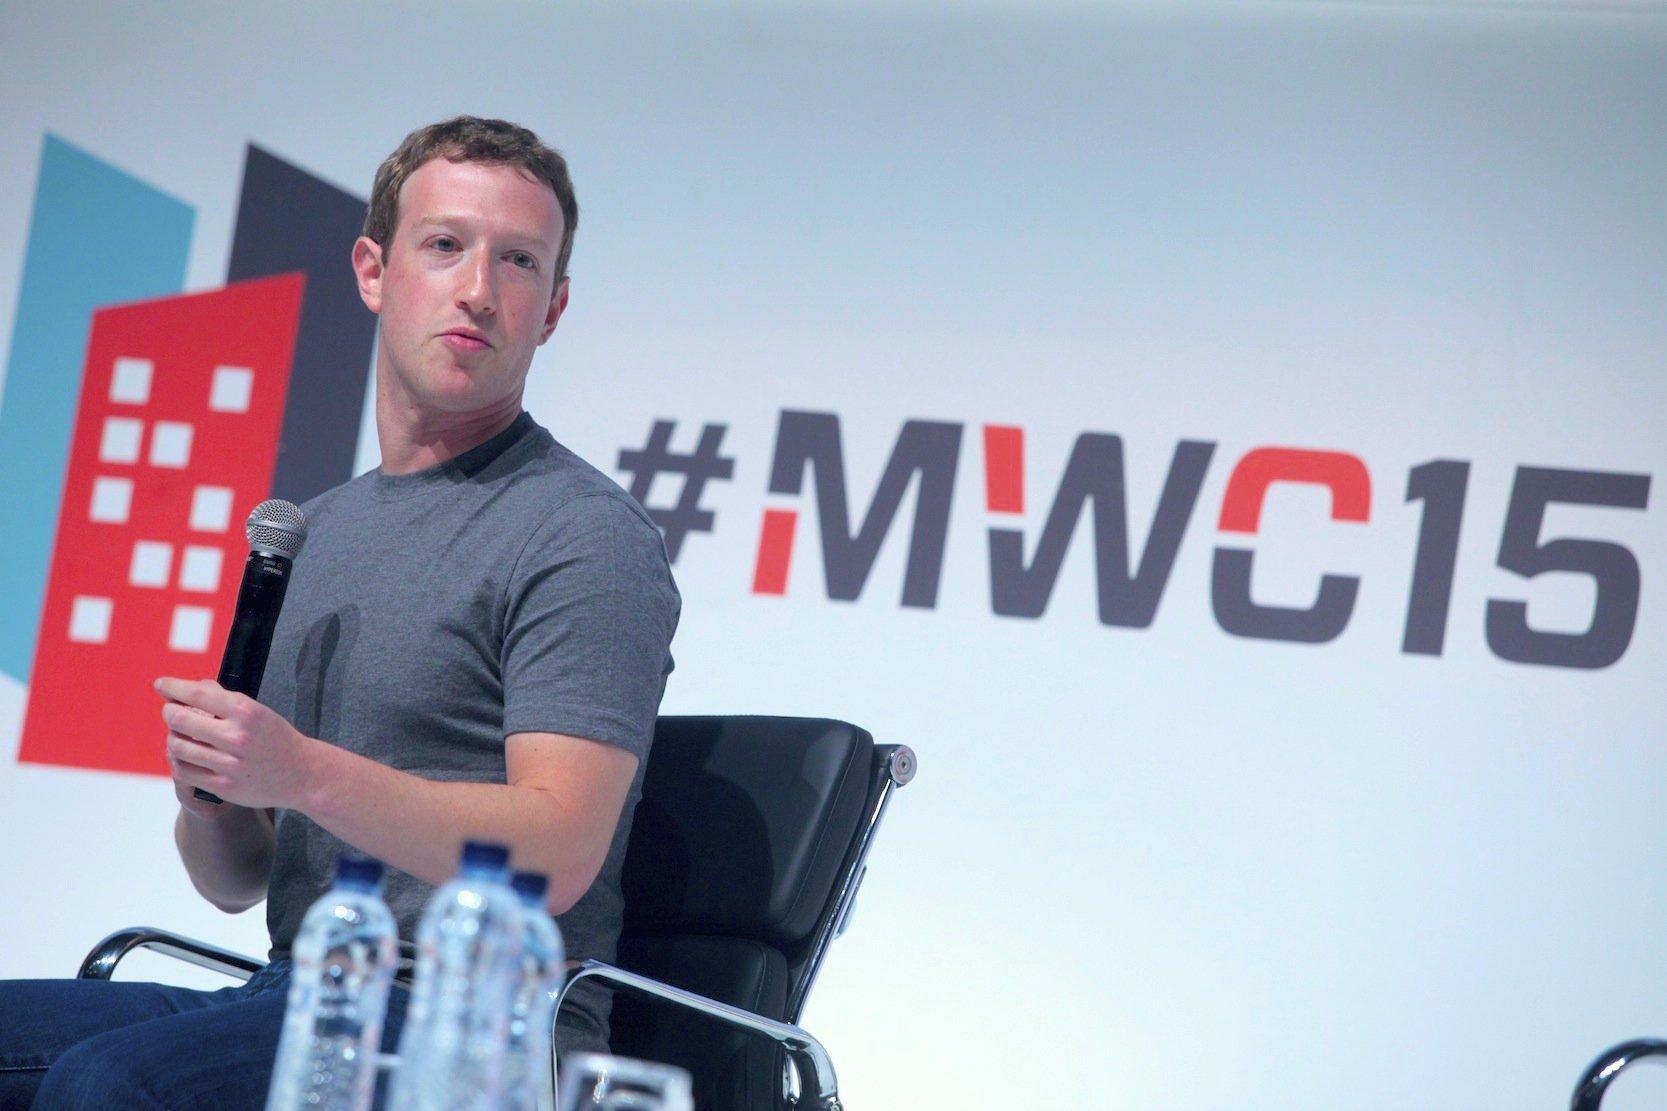 Mark Zuckerberg, hier ein Bild aus dem vergangenen Jahr, kommt zum dritten Mal nach Barcelona und will für sein Internet-Projekt in Entwicklungs- und Schwellenländern werben.